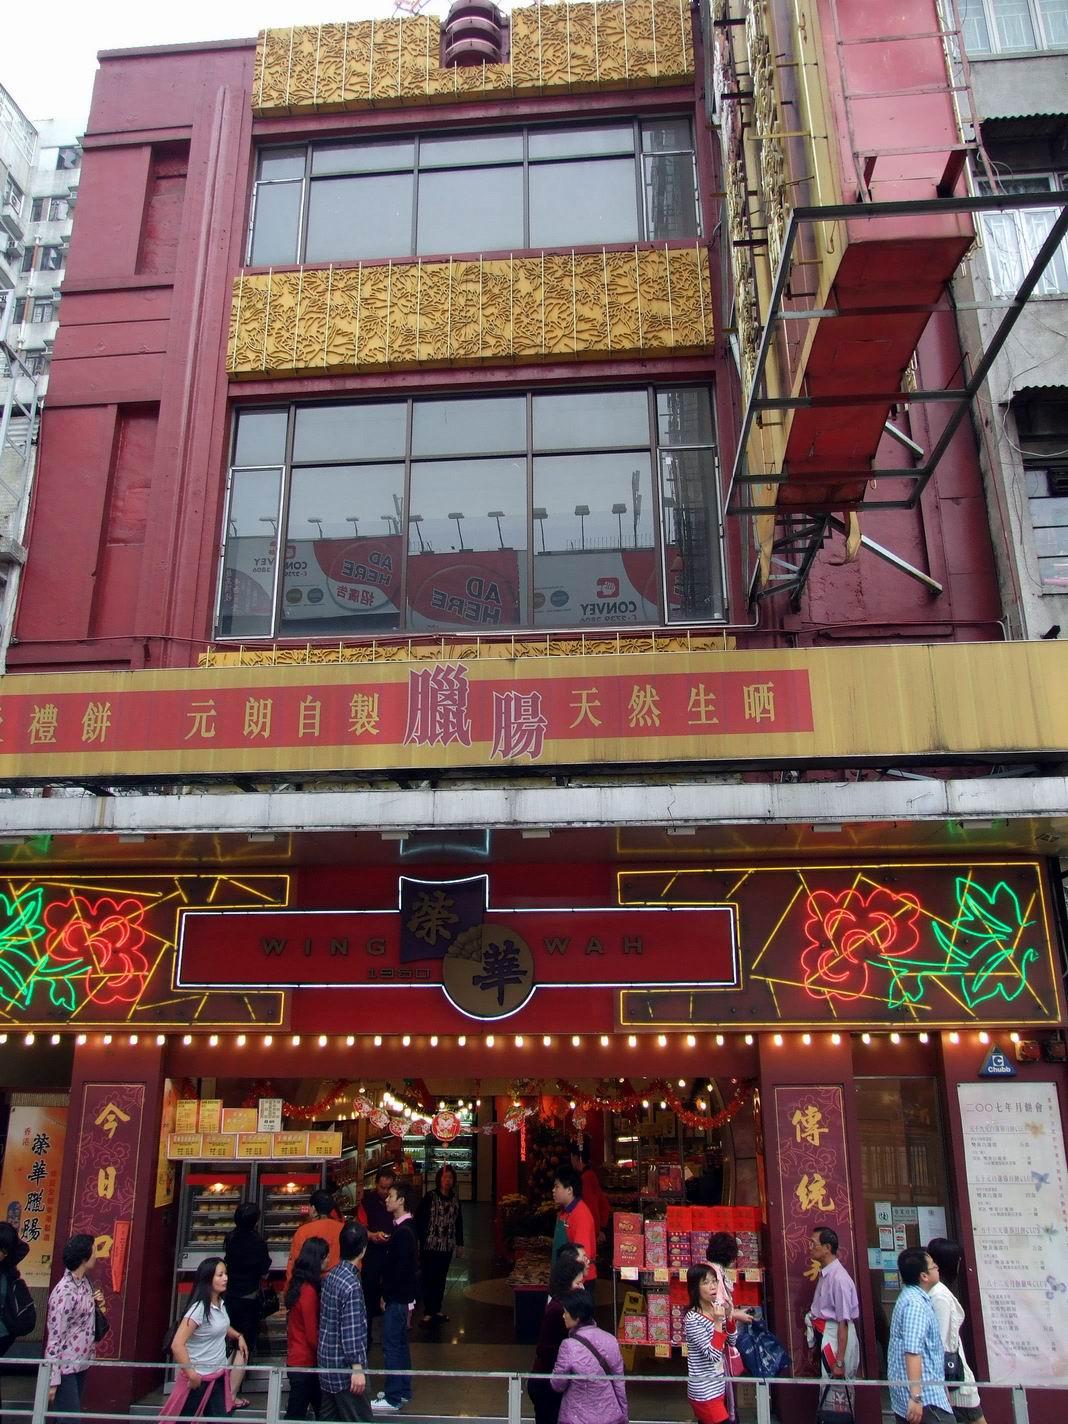 Wing Wah Cake Shop Hong Kong